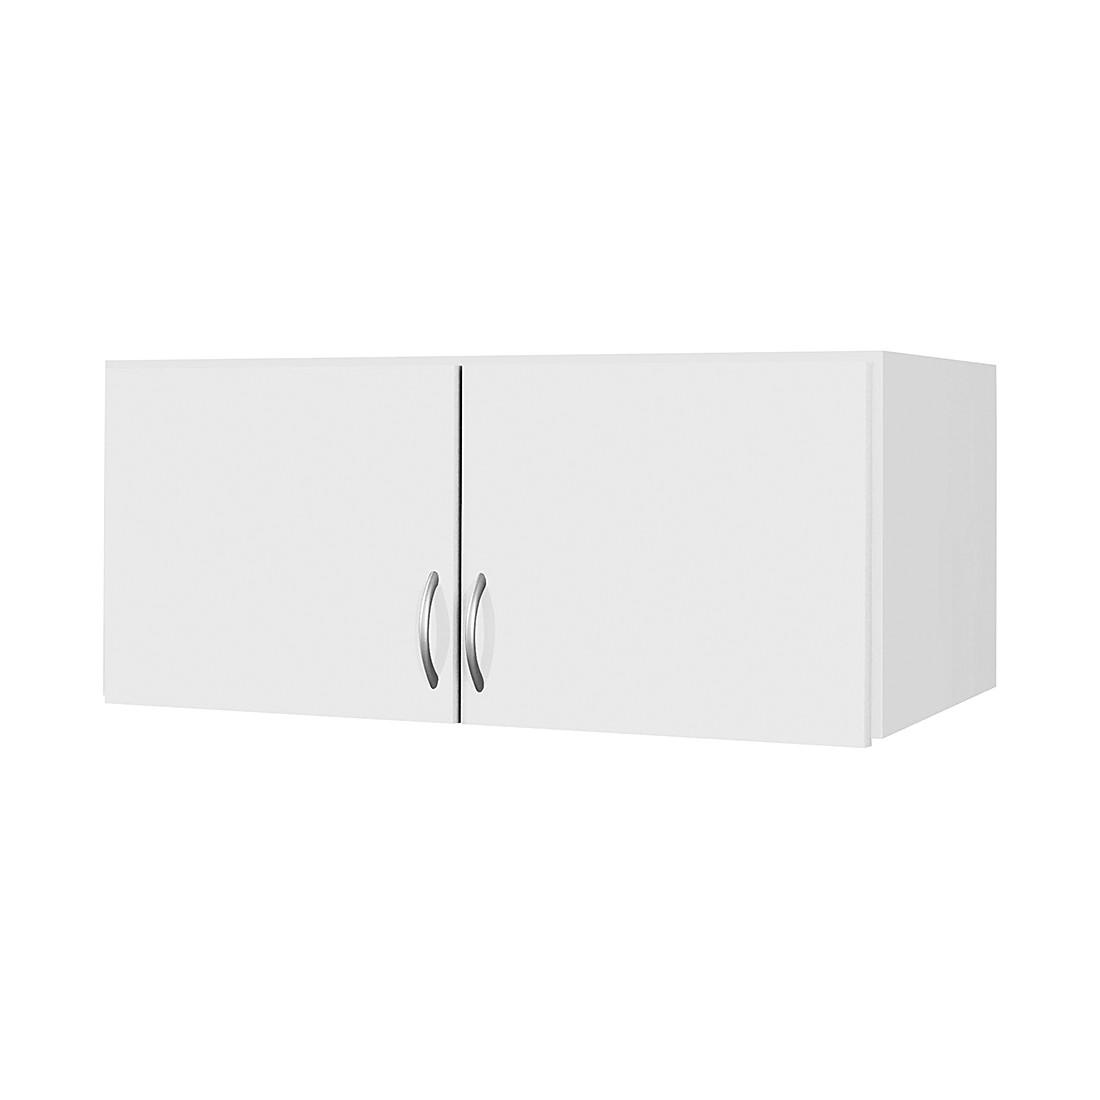 Schrankaufsatz Case – Alpinweiß – Aufsatzbreite: 181 cm – 4-türig, Rauch Pack´s günstig